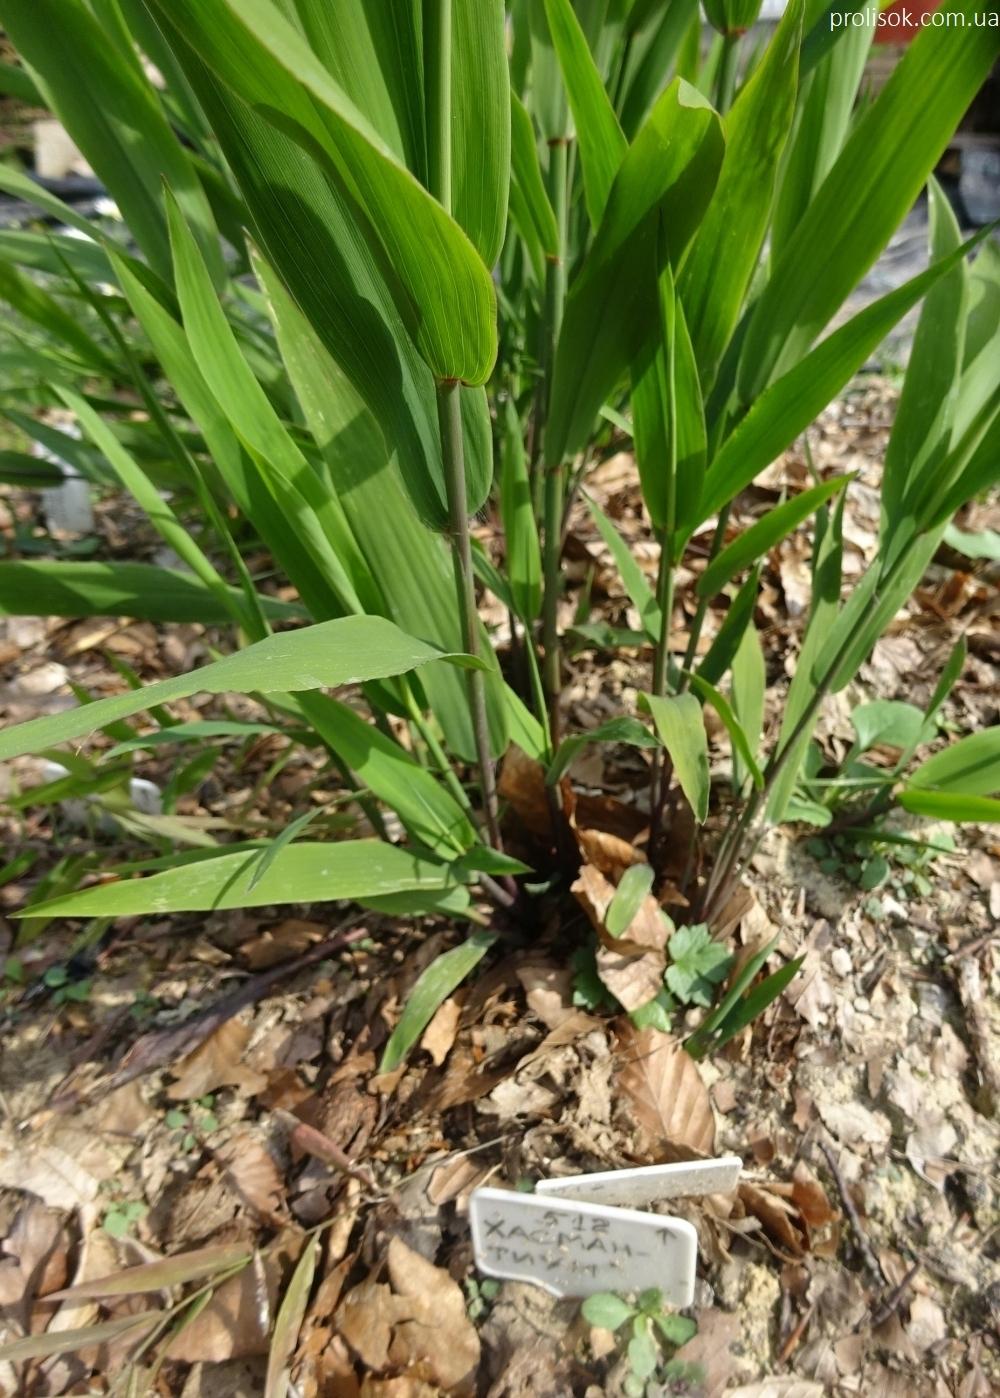 Хасмантіум широколистий (Chasmanthium latifolium) - 3